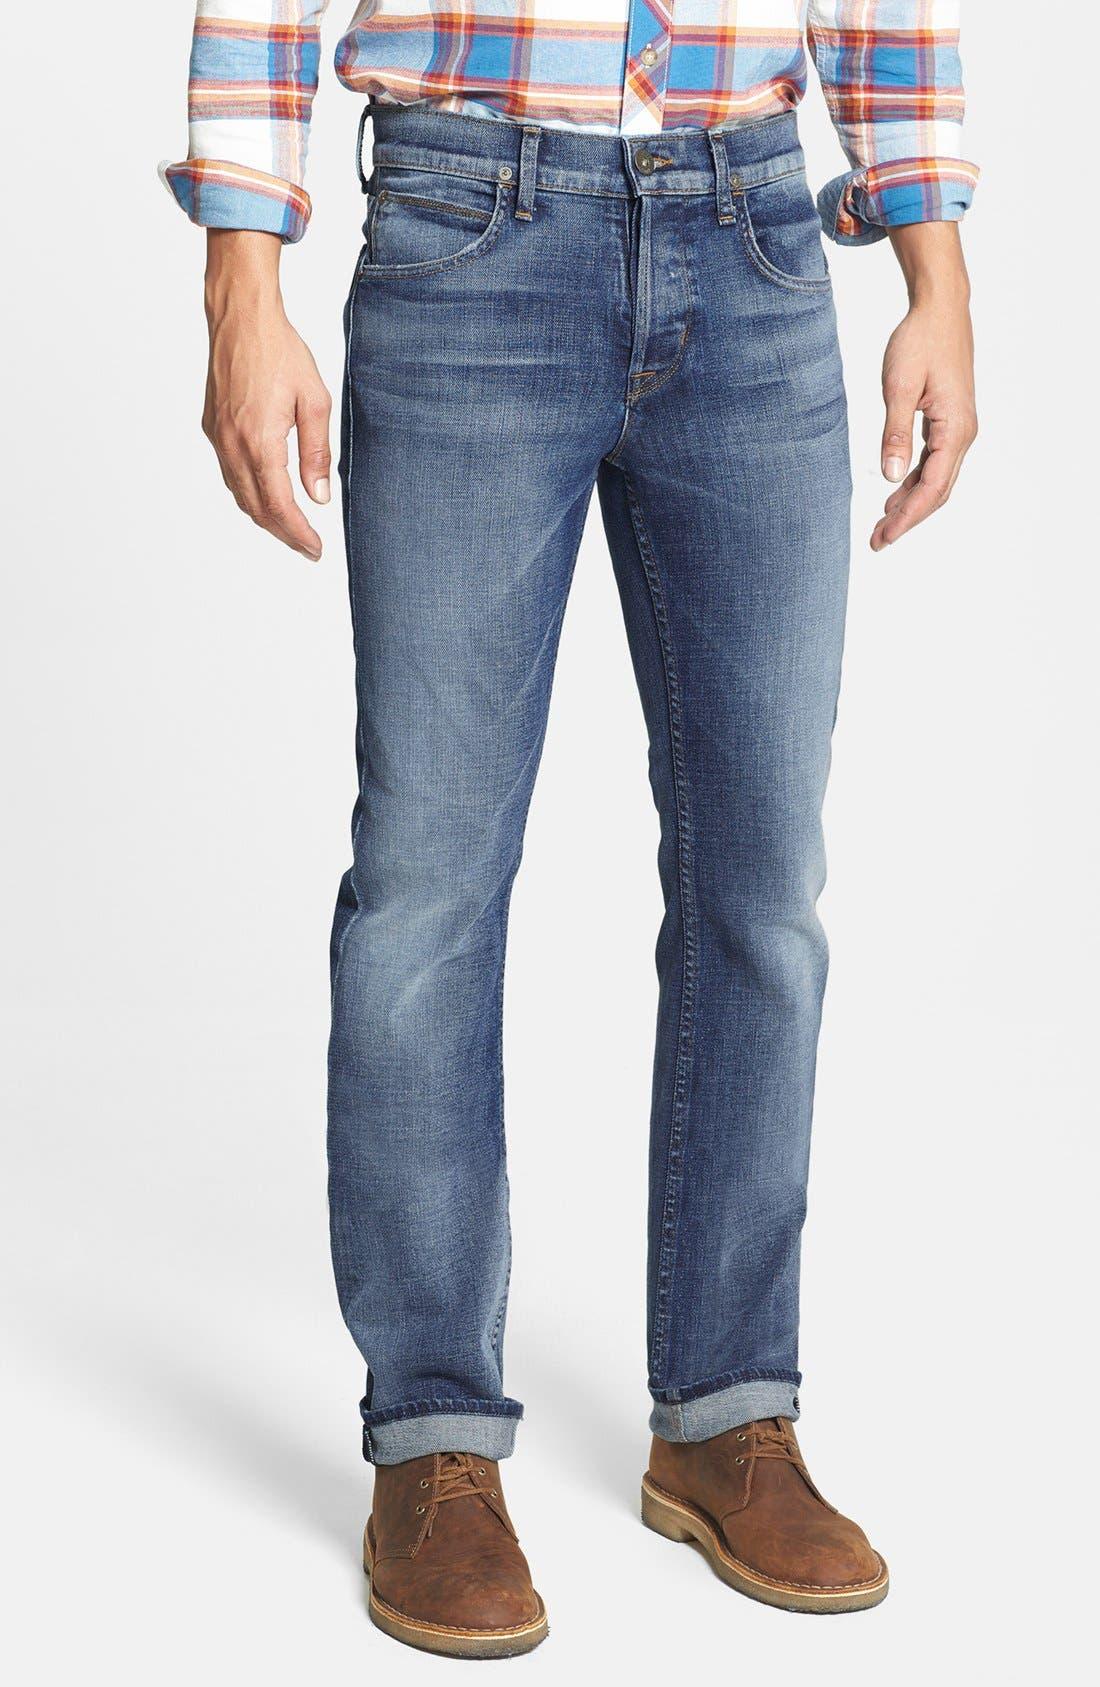 Alternate Image 1 Selected - Hudson Jeans 'Byron' Straight Leg Jeans (Rebel Roadside)